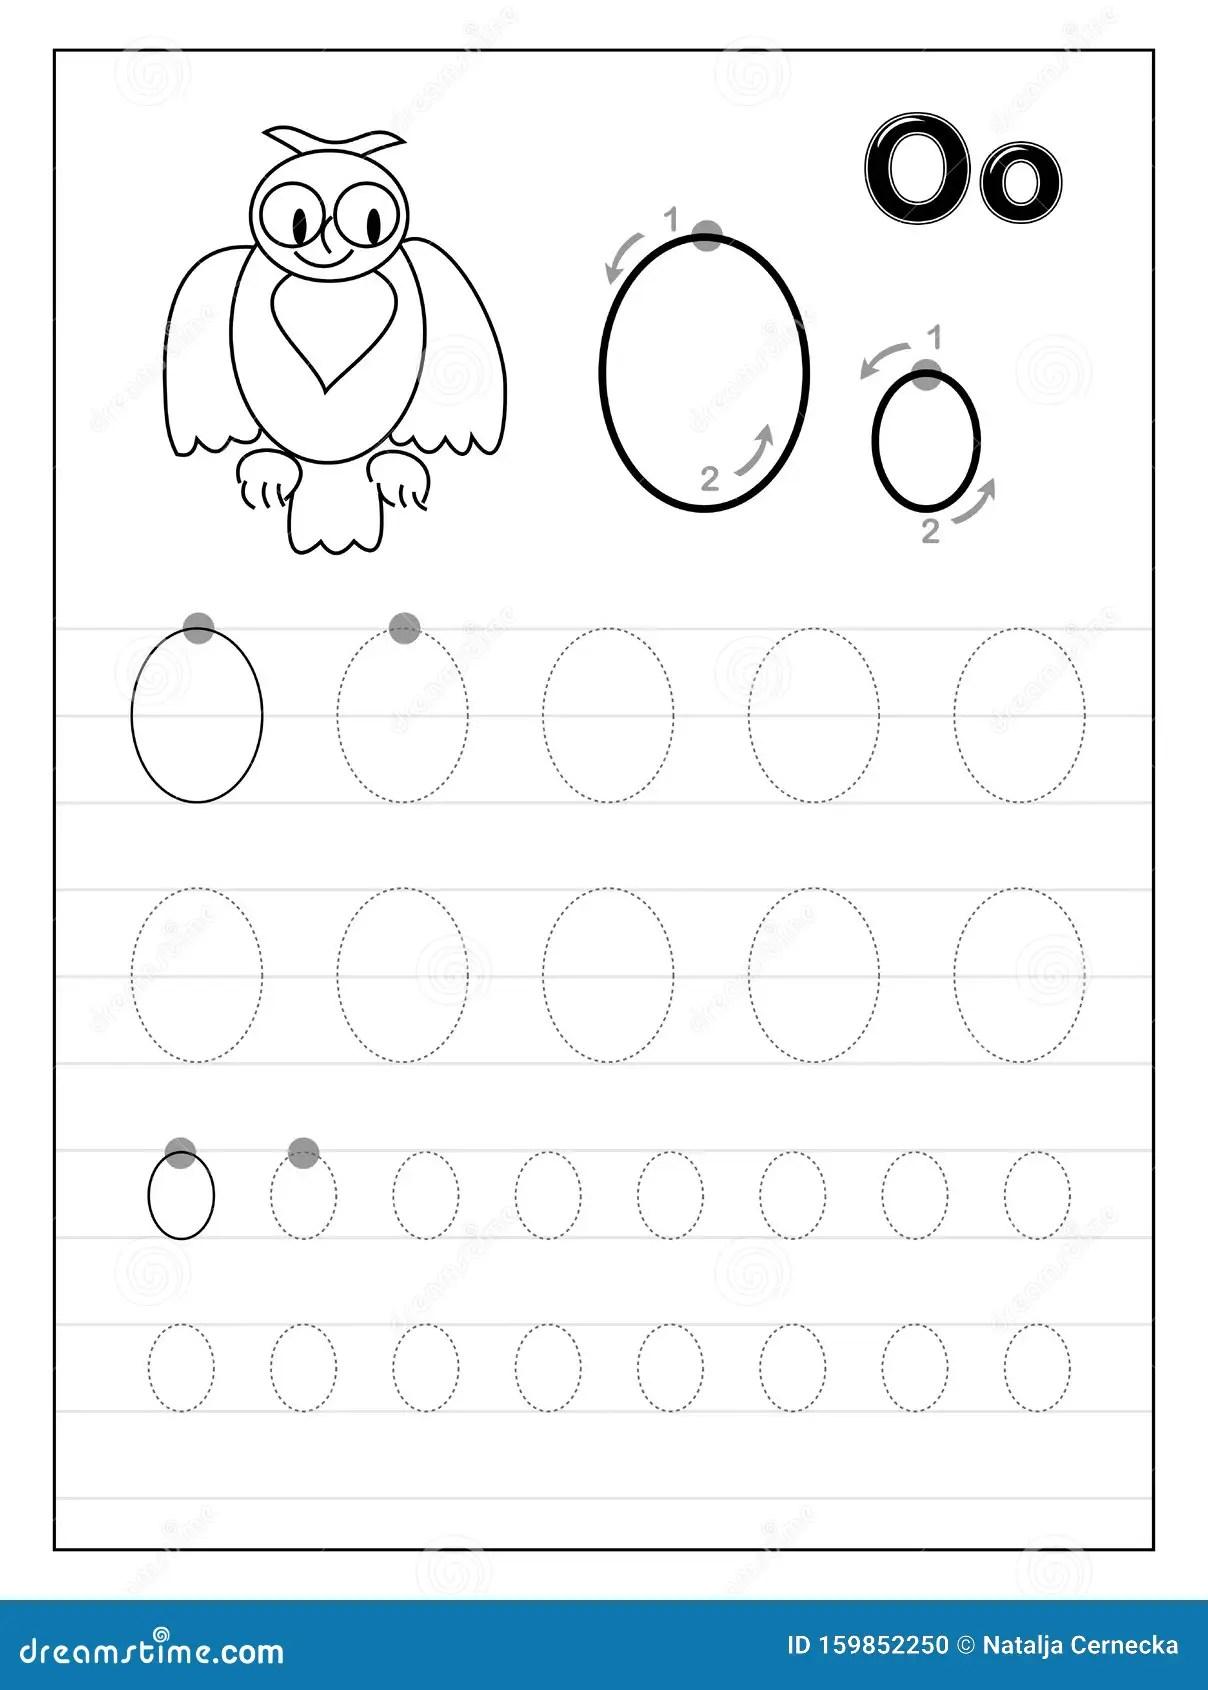 Preschool Worksheet Gallery Letter O Printable Preschool